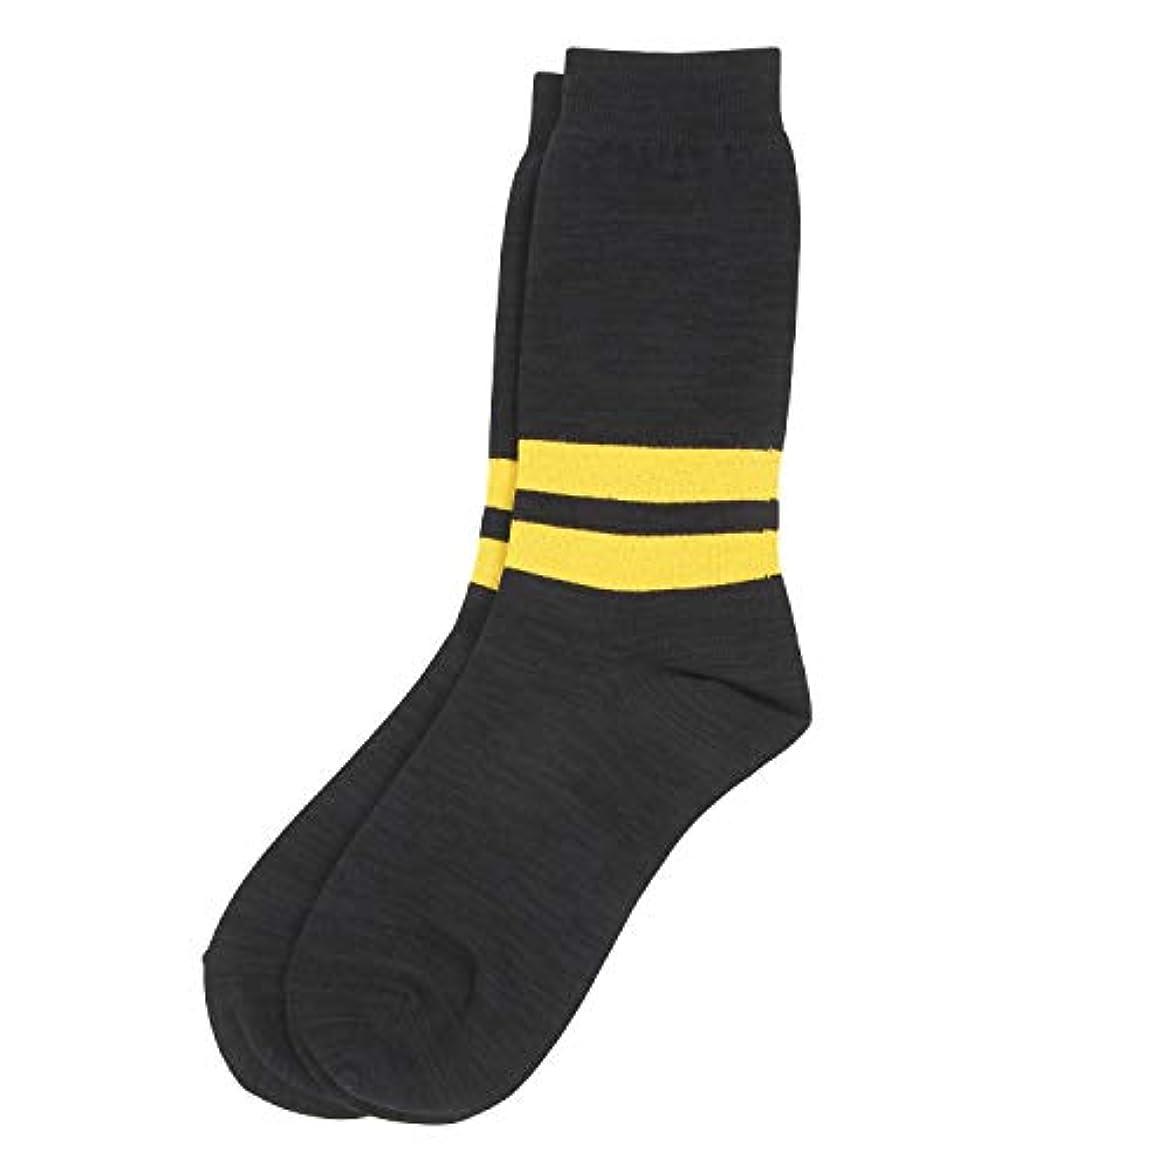 海外でステートメント結婚したDeol(デオル) ラインソックス 男性用 メンズ [足のニオイ対策] 長期間持続 日本製 無地 靴下 黒 25cm-27cm